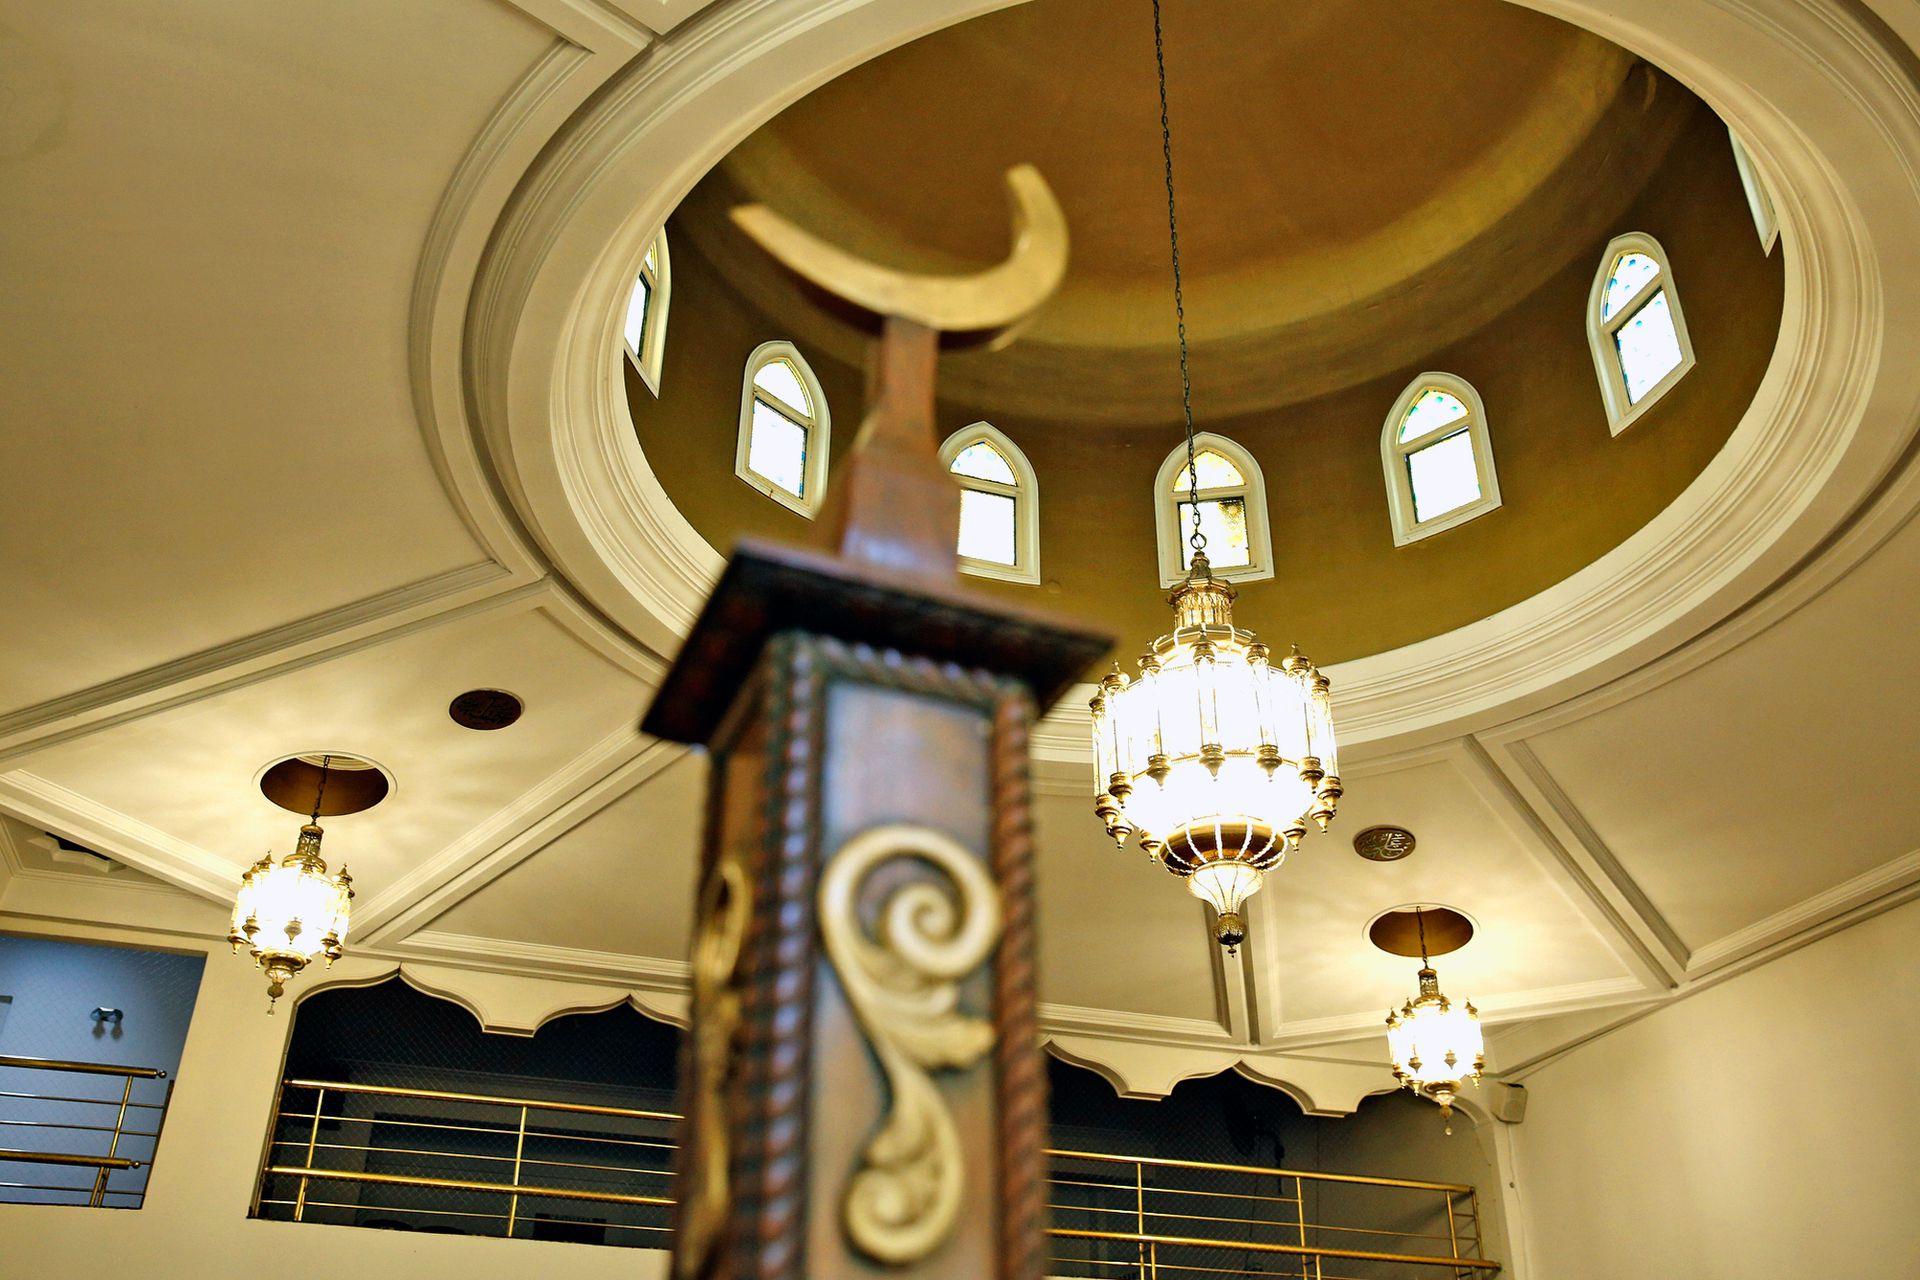 La media luna, en árabe hilal, es el símbolo identitario de los musulmanes